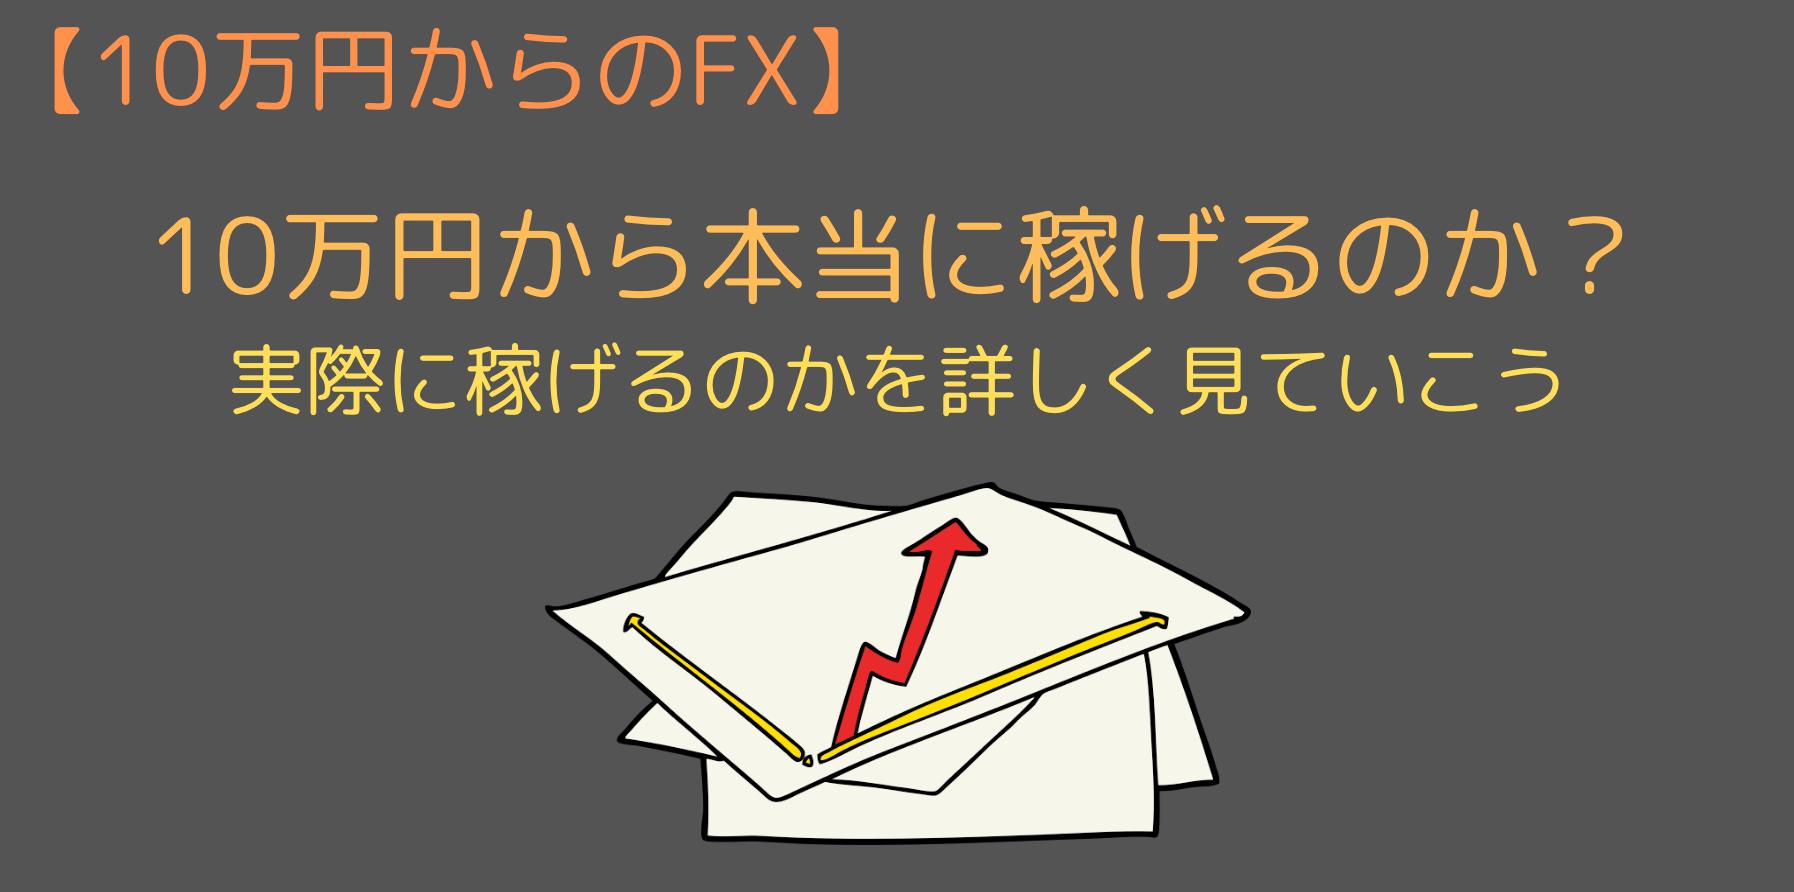 10万円からのFX